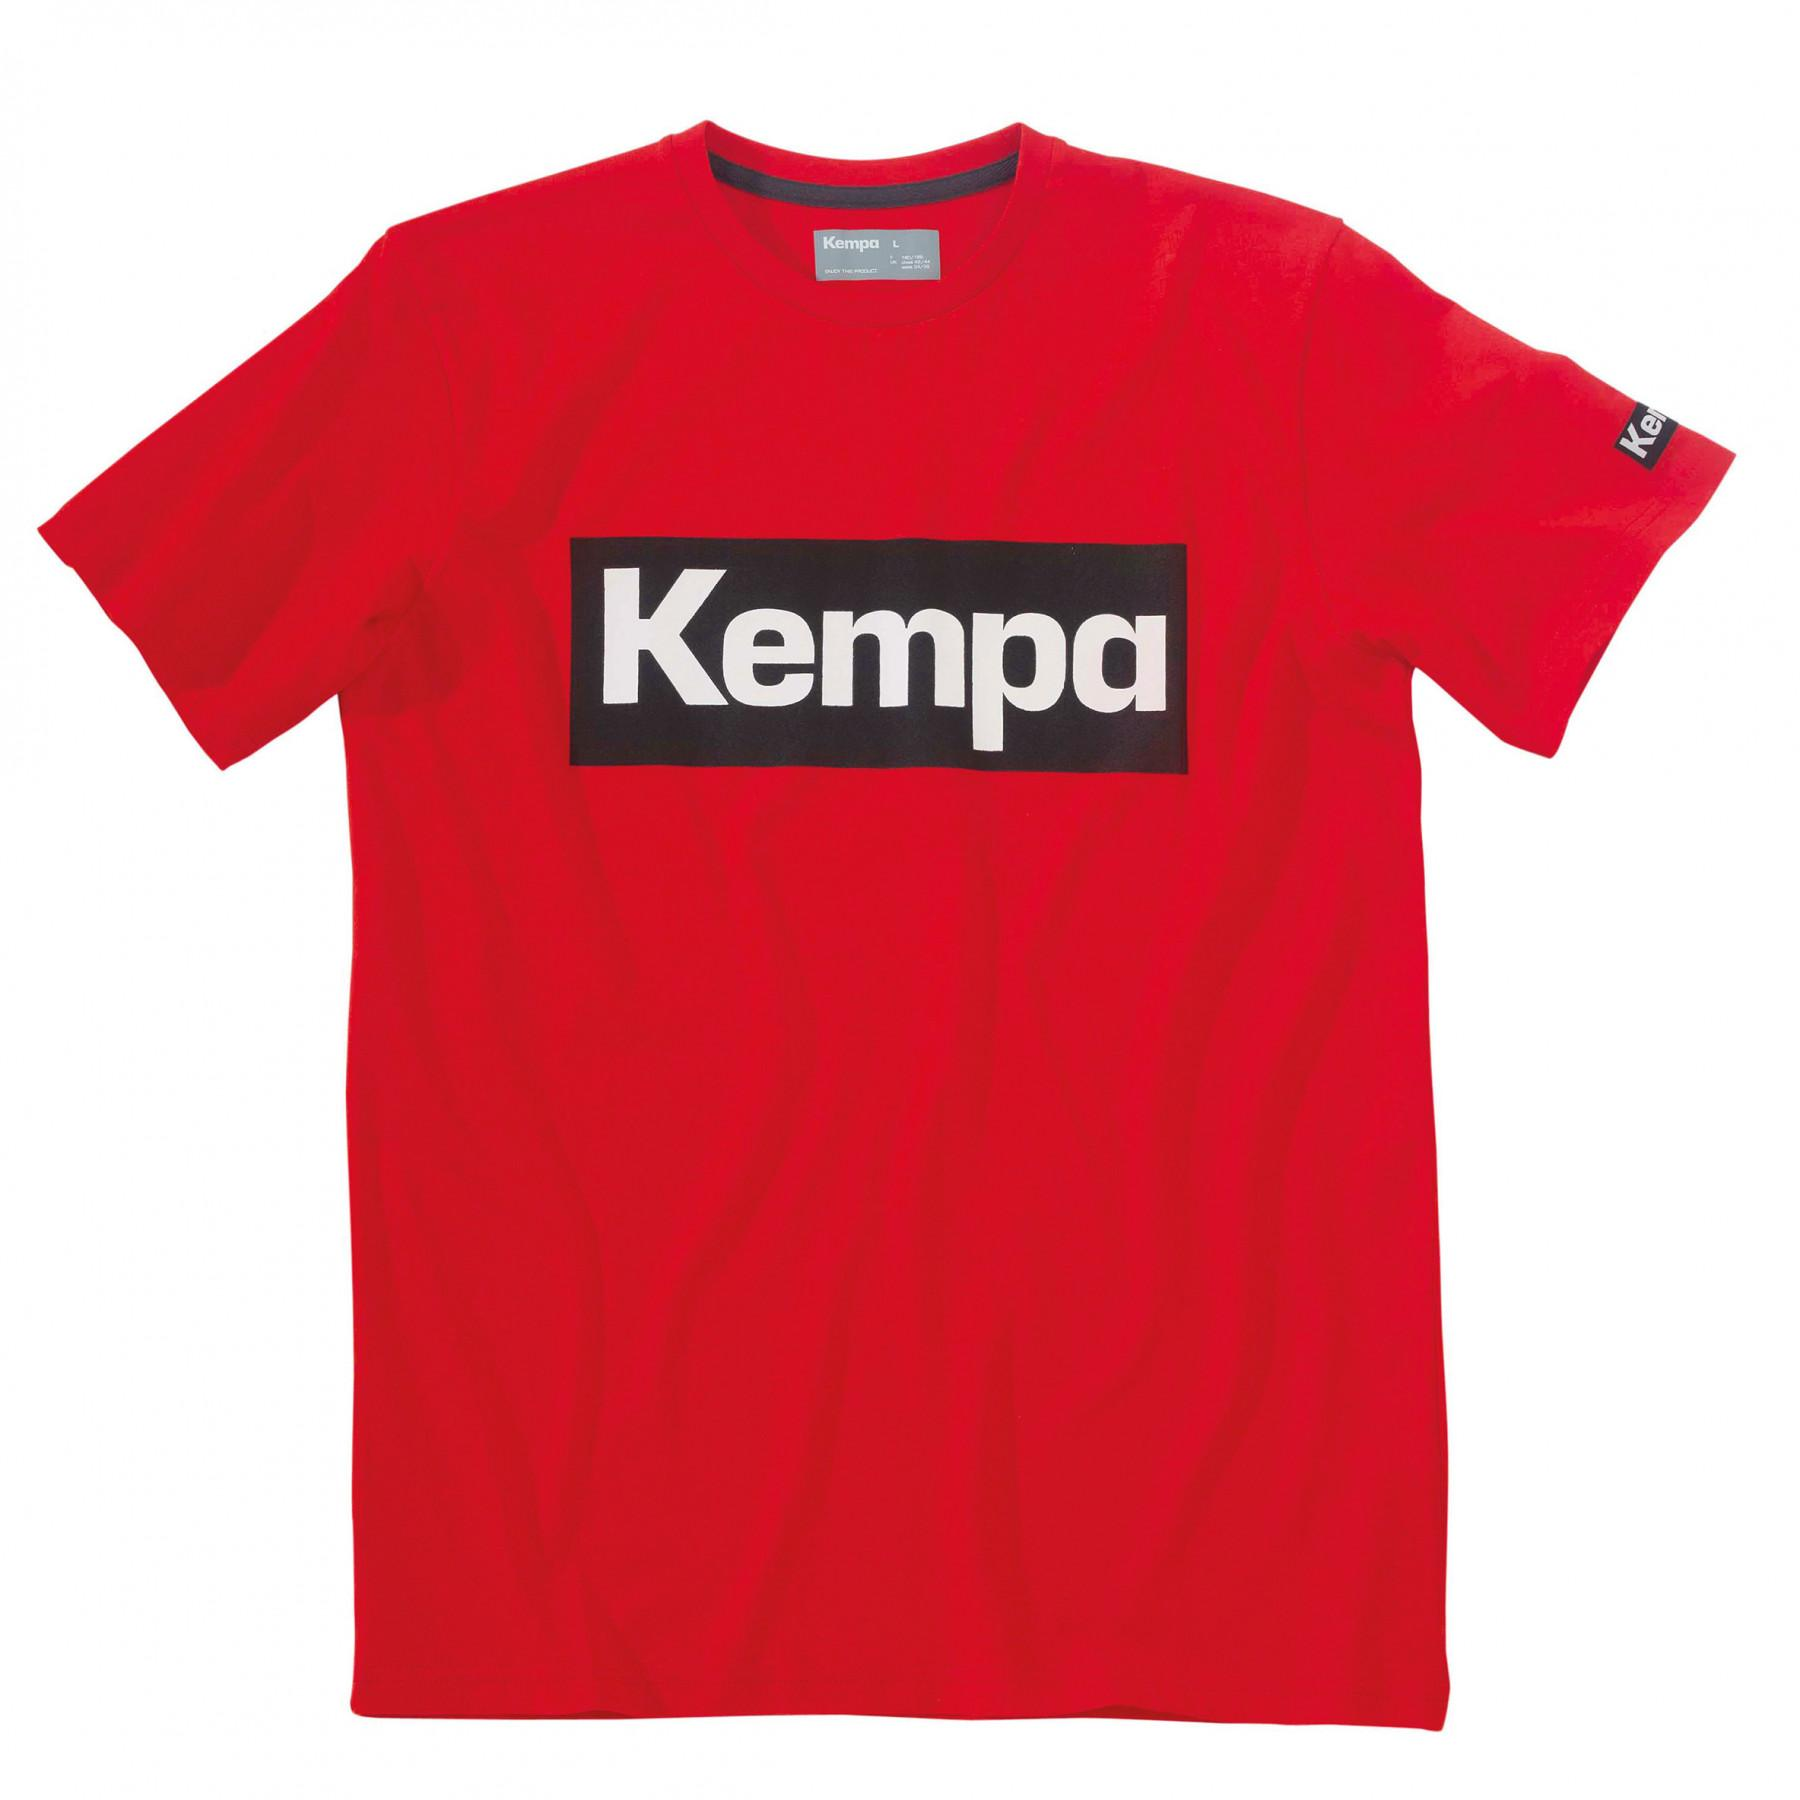 T-shirt Kempa Promo